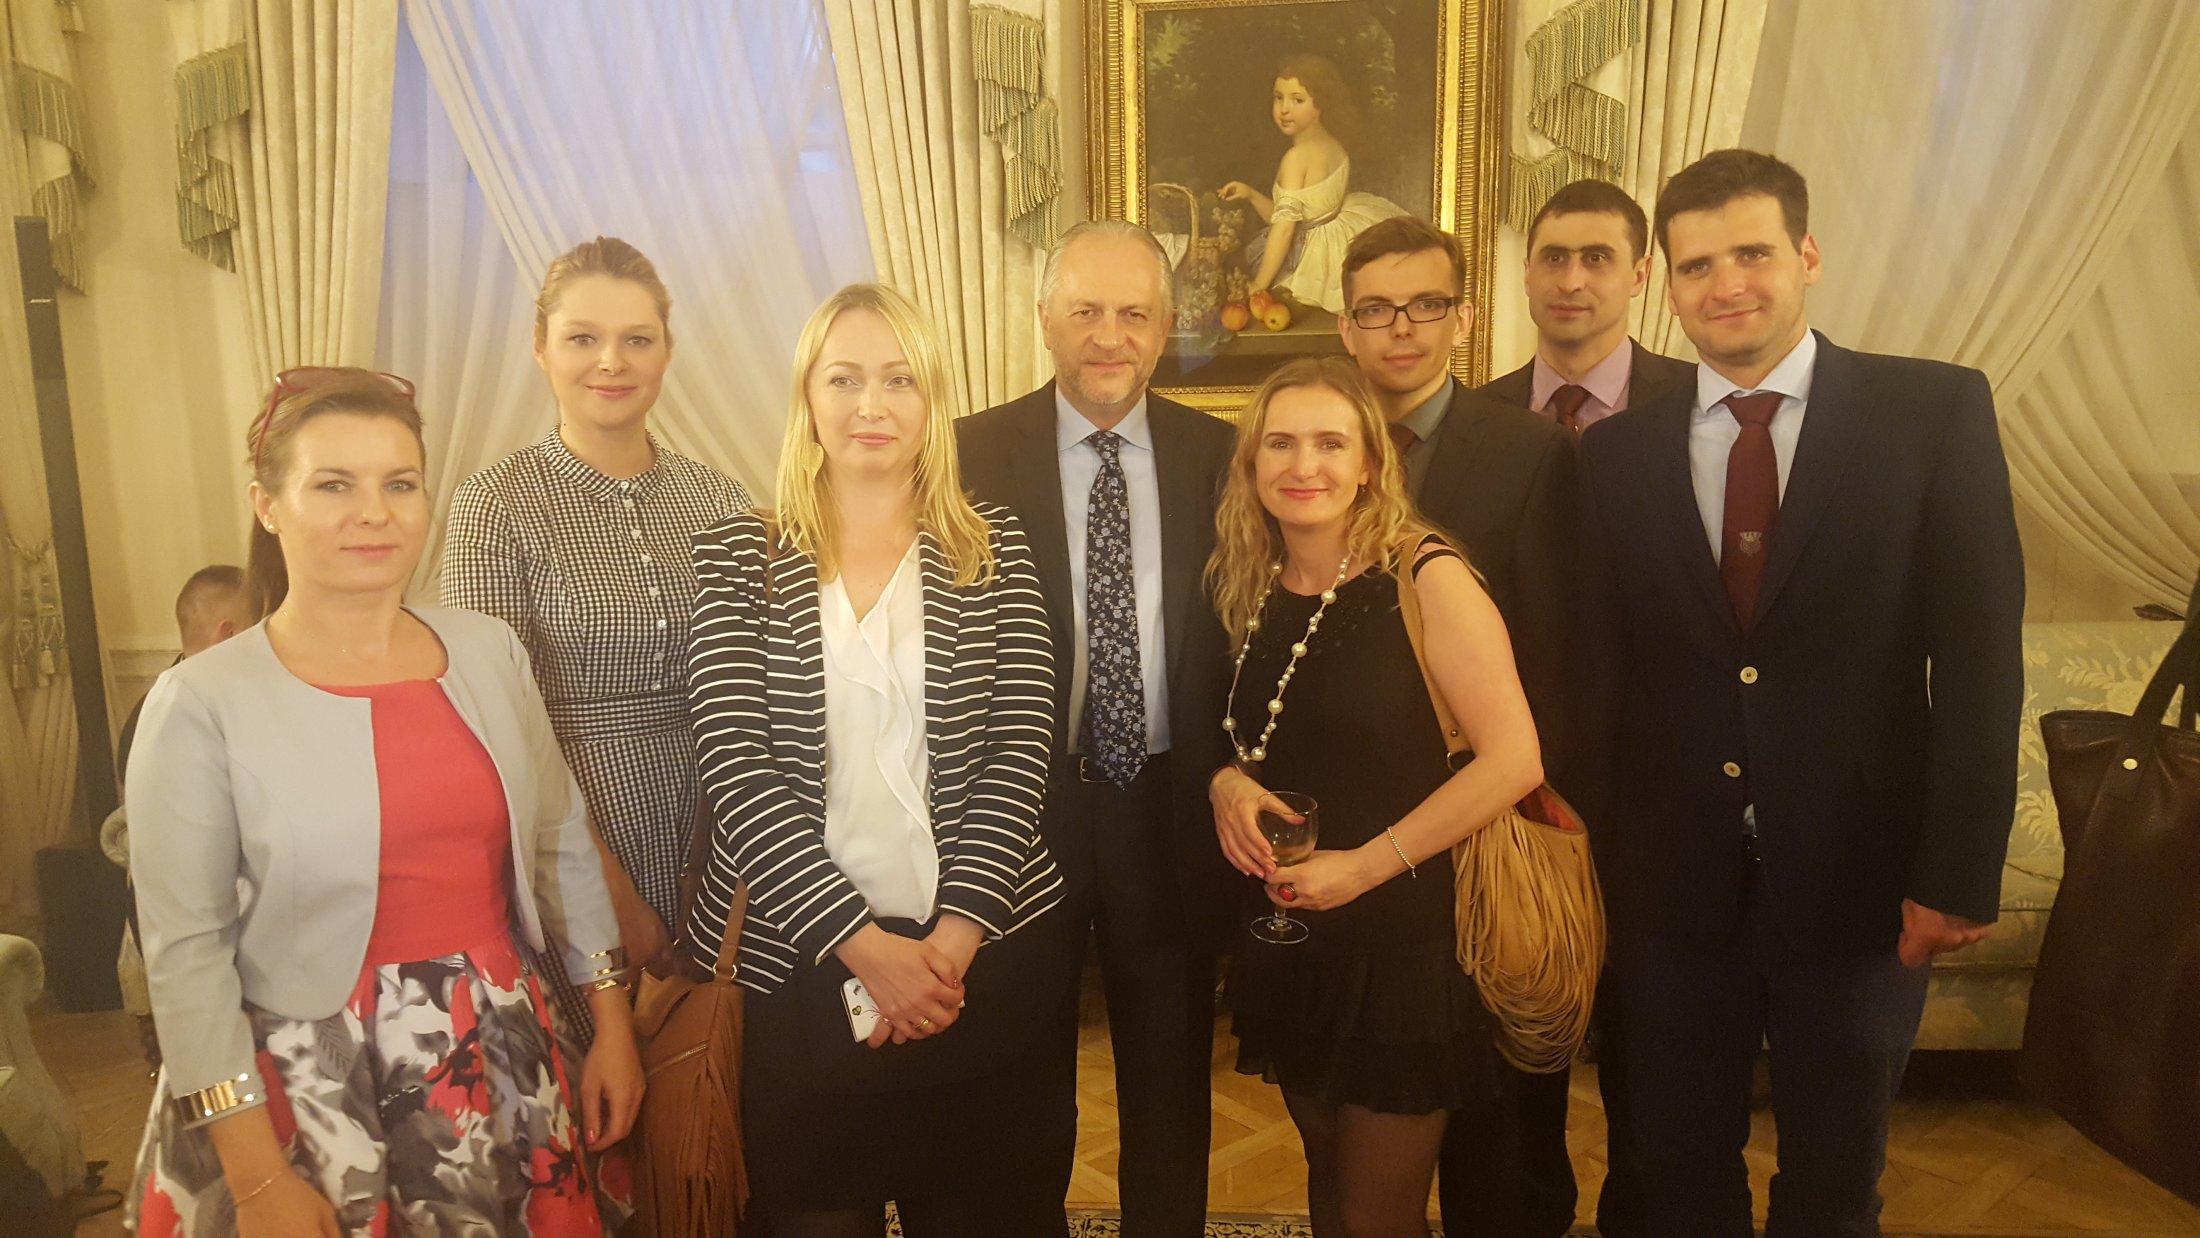 Nz. od lewej: Ewelina Wachnicka, Małgorzata Kmiecicka, Agnieszka Kępka, JE Witold Sobków, Anna Pawełek, Marian Zastawny, Paweł Kisiel, Kacper Więckowski.